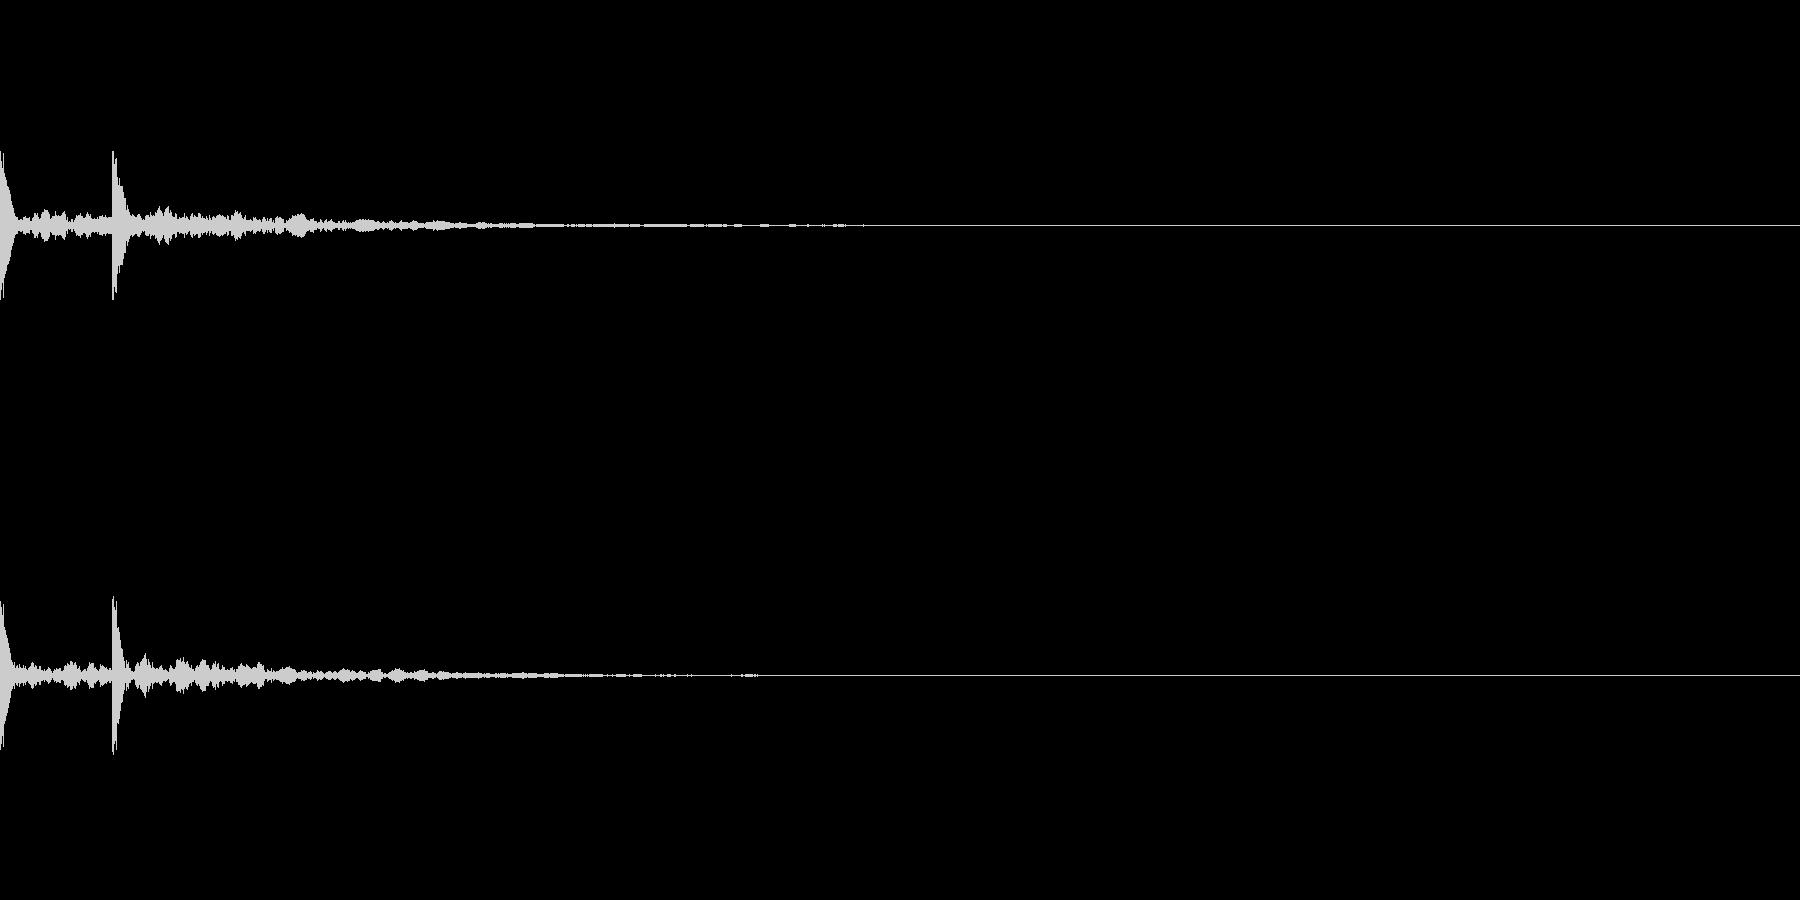 クラベス(拍子木のような)が2回鳴りますの未再生の波形